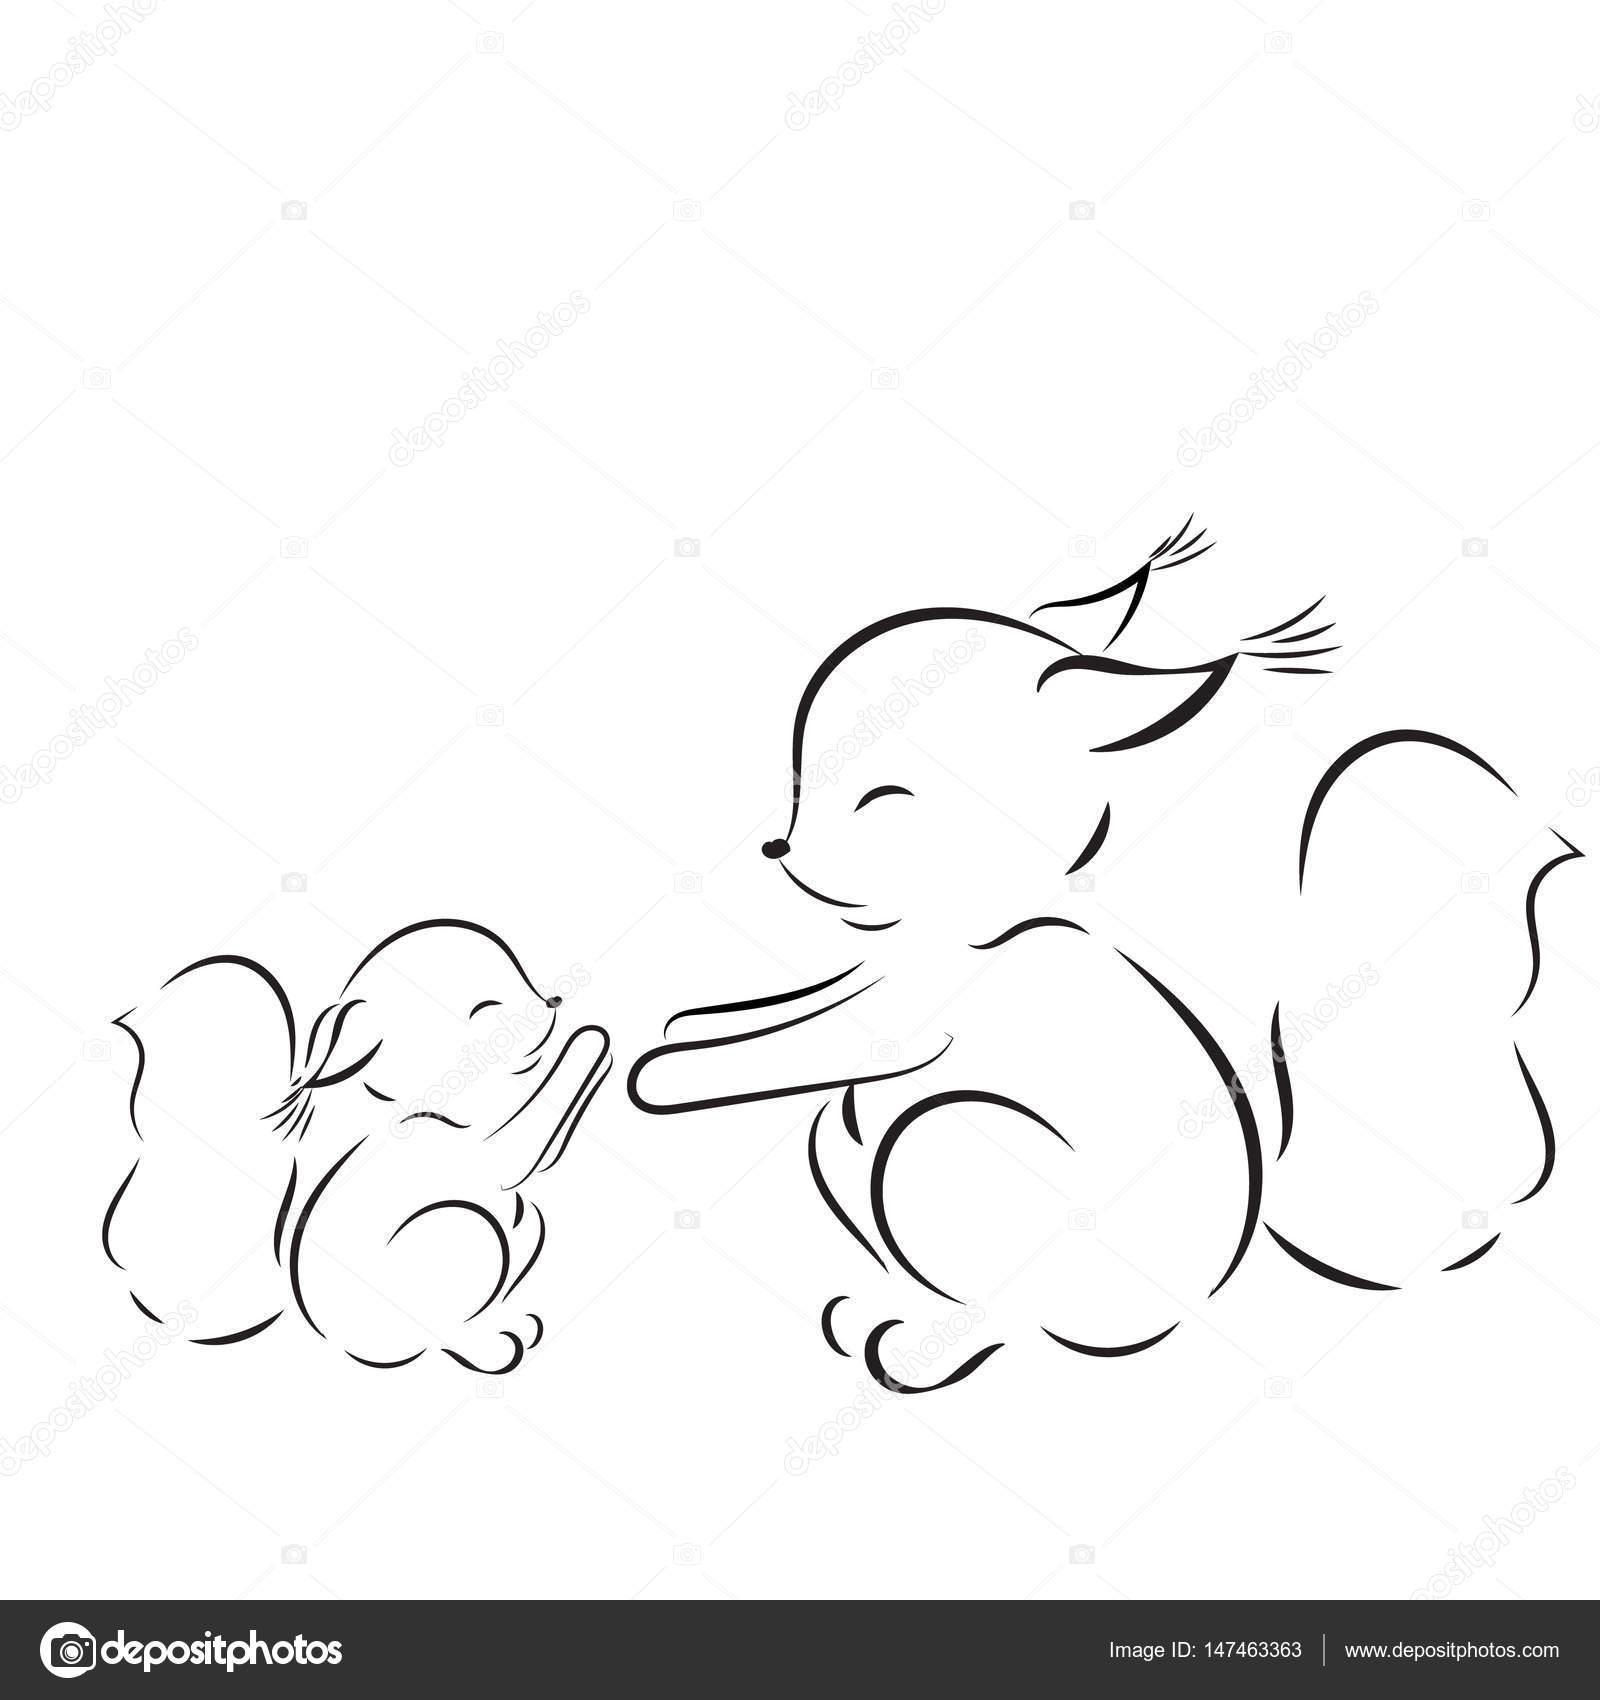 kleurplaat overzicht de vector tekening eekhoorns